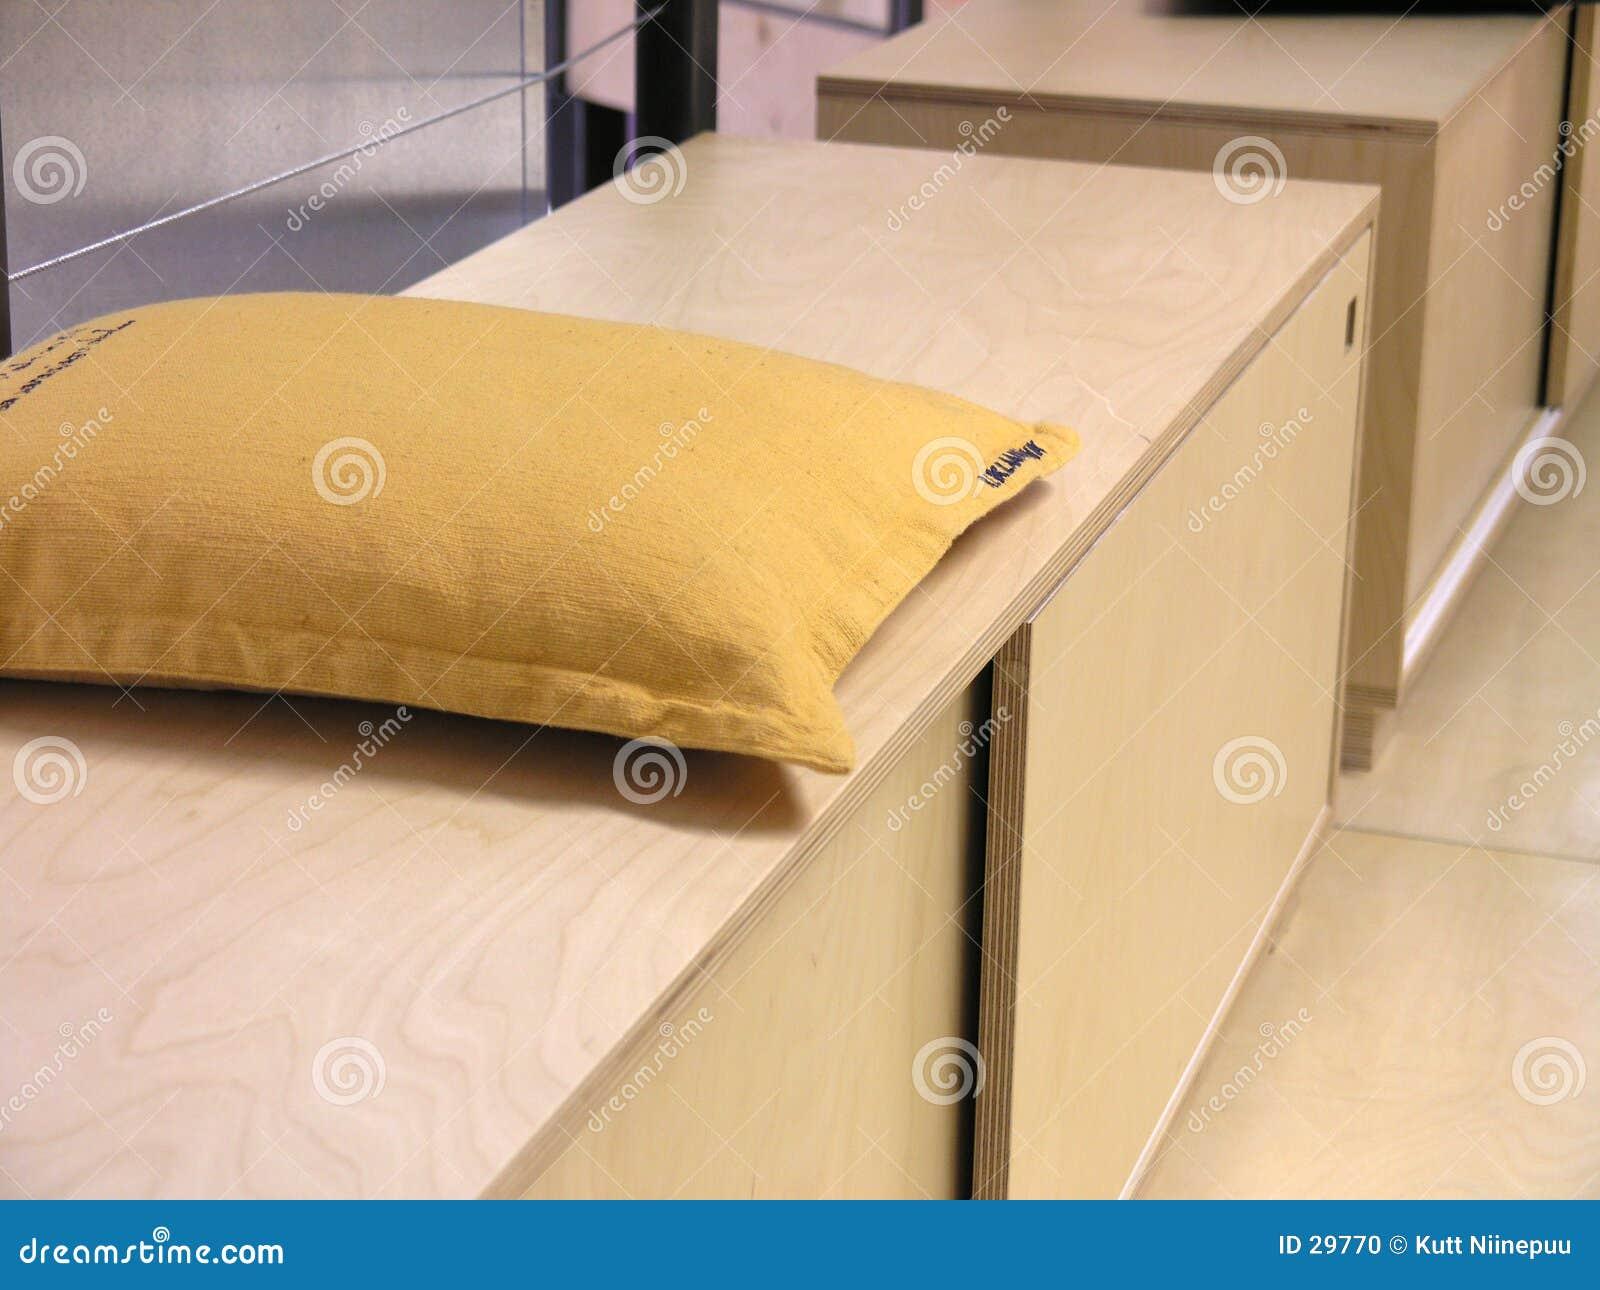 Cuscino su un banco